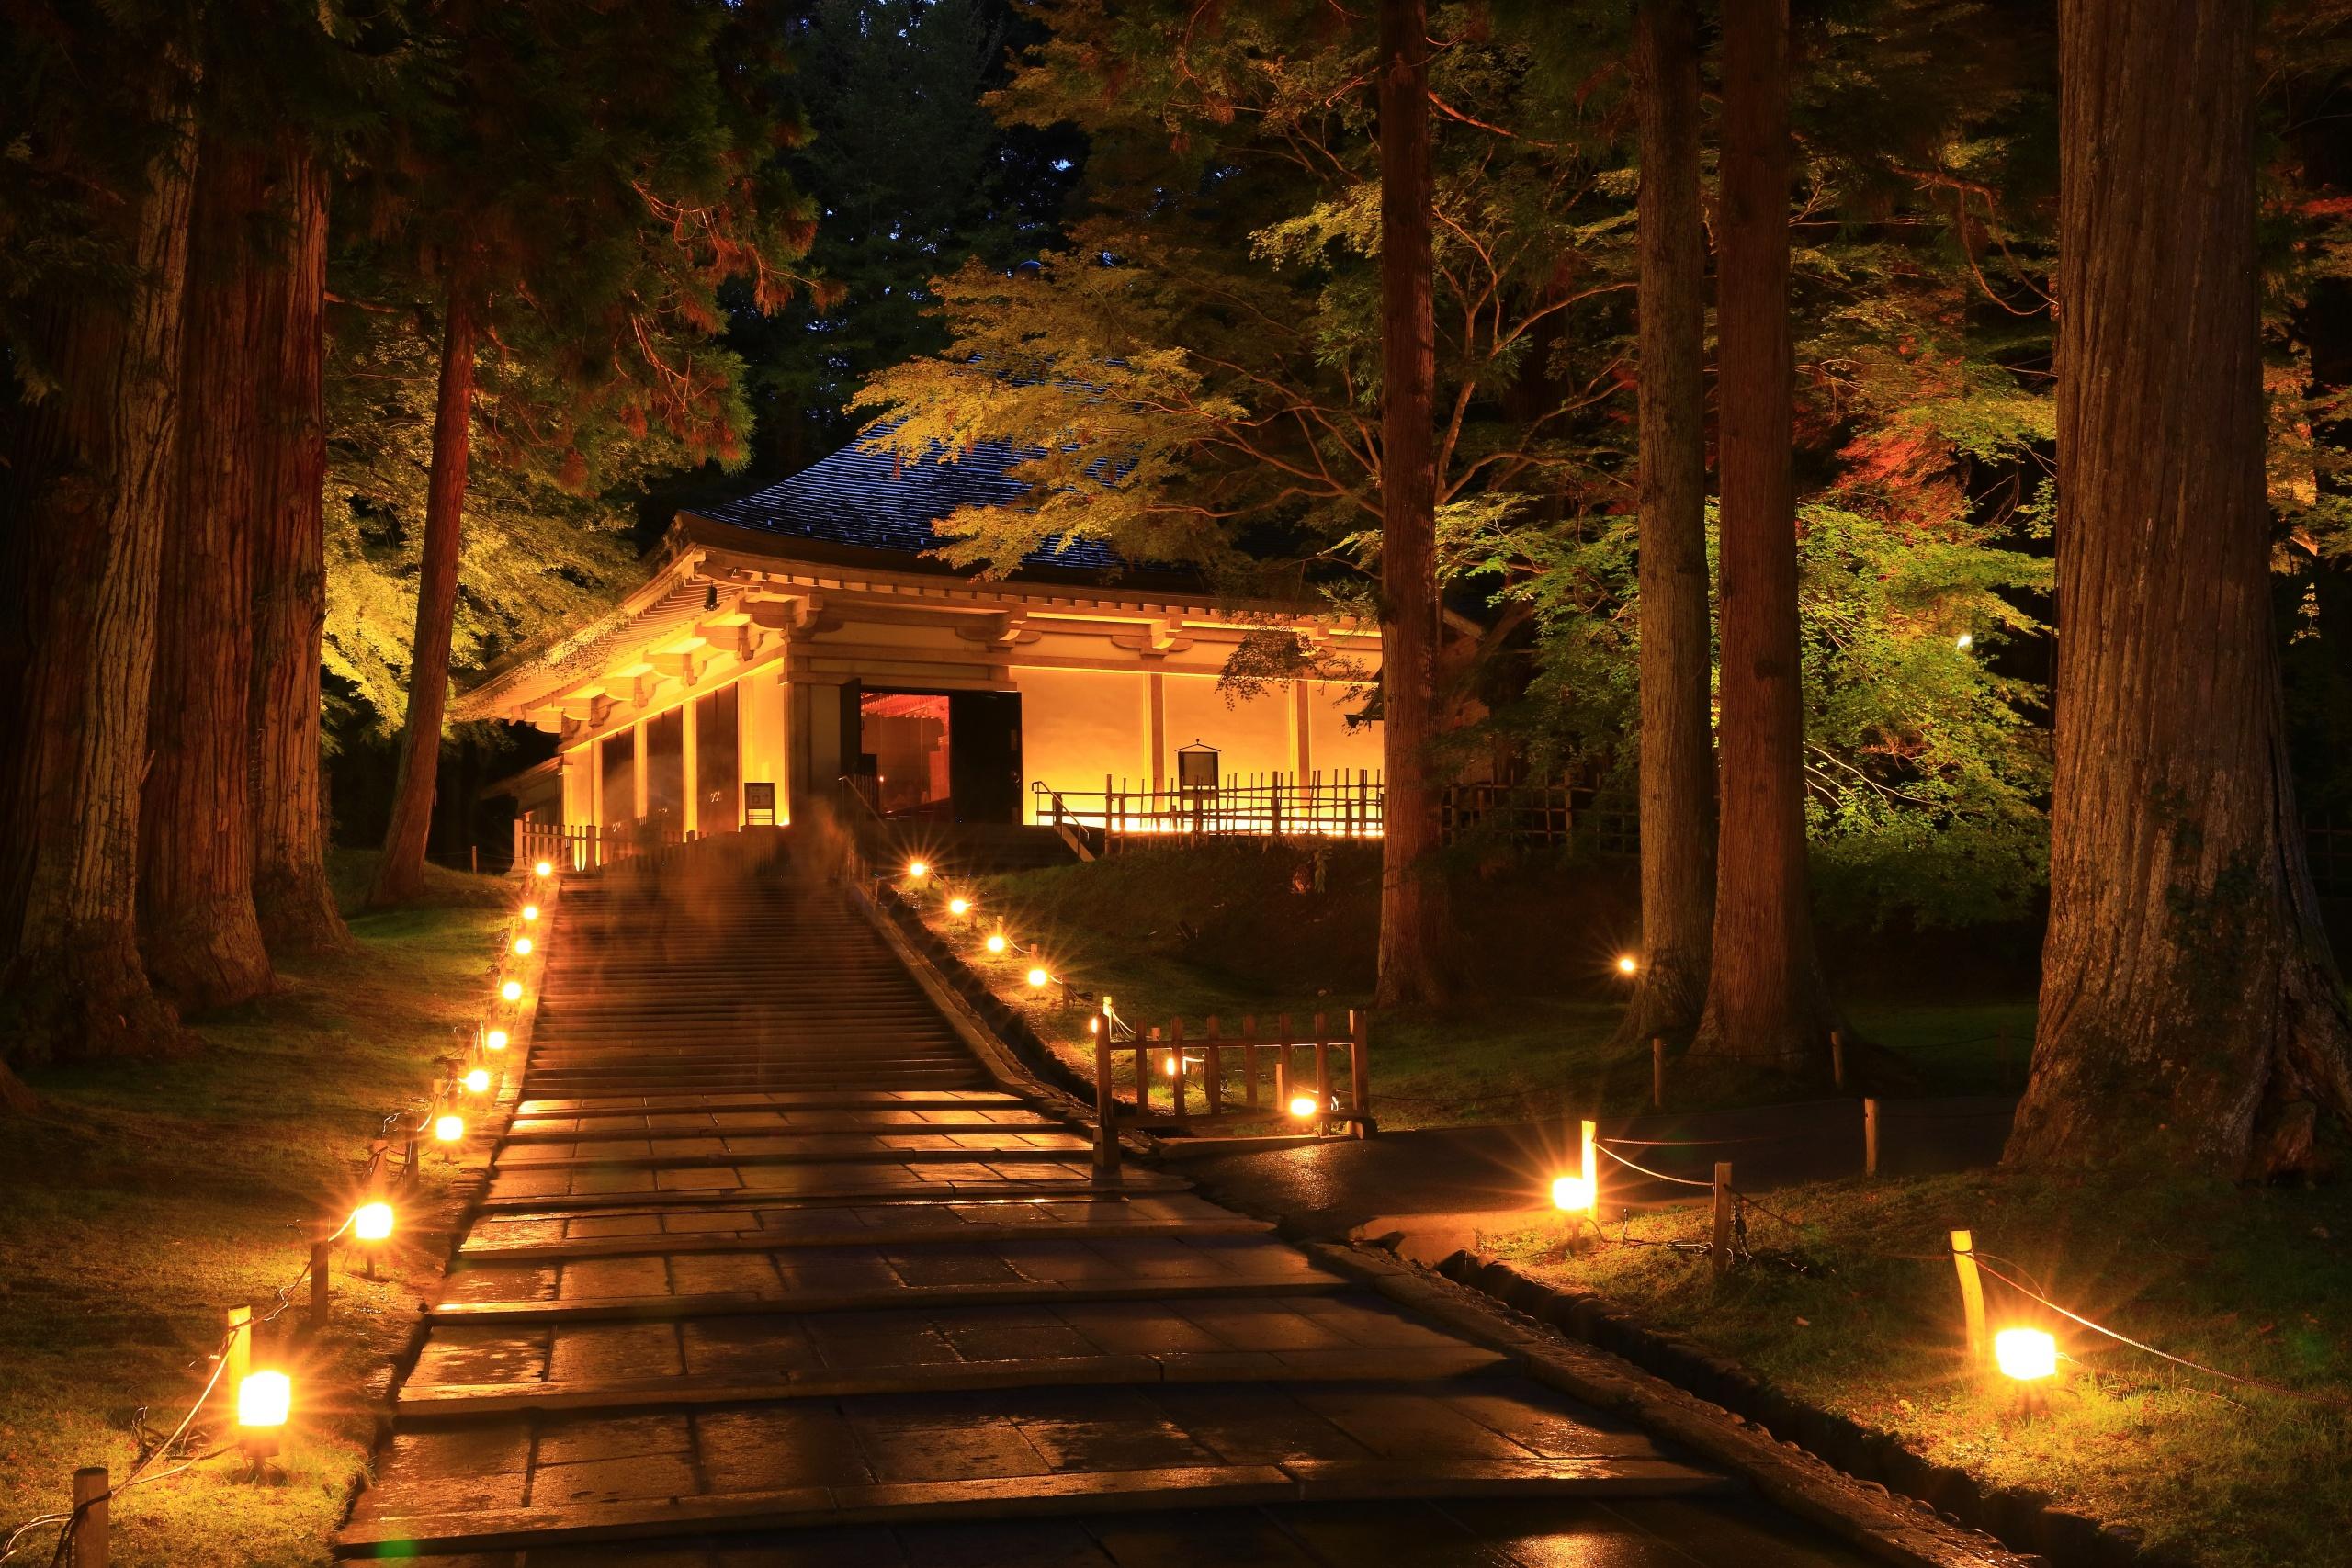 世界遺産 中尊寺 紅葉のライトアップ